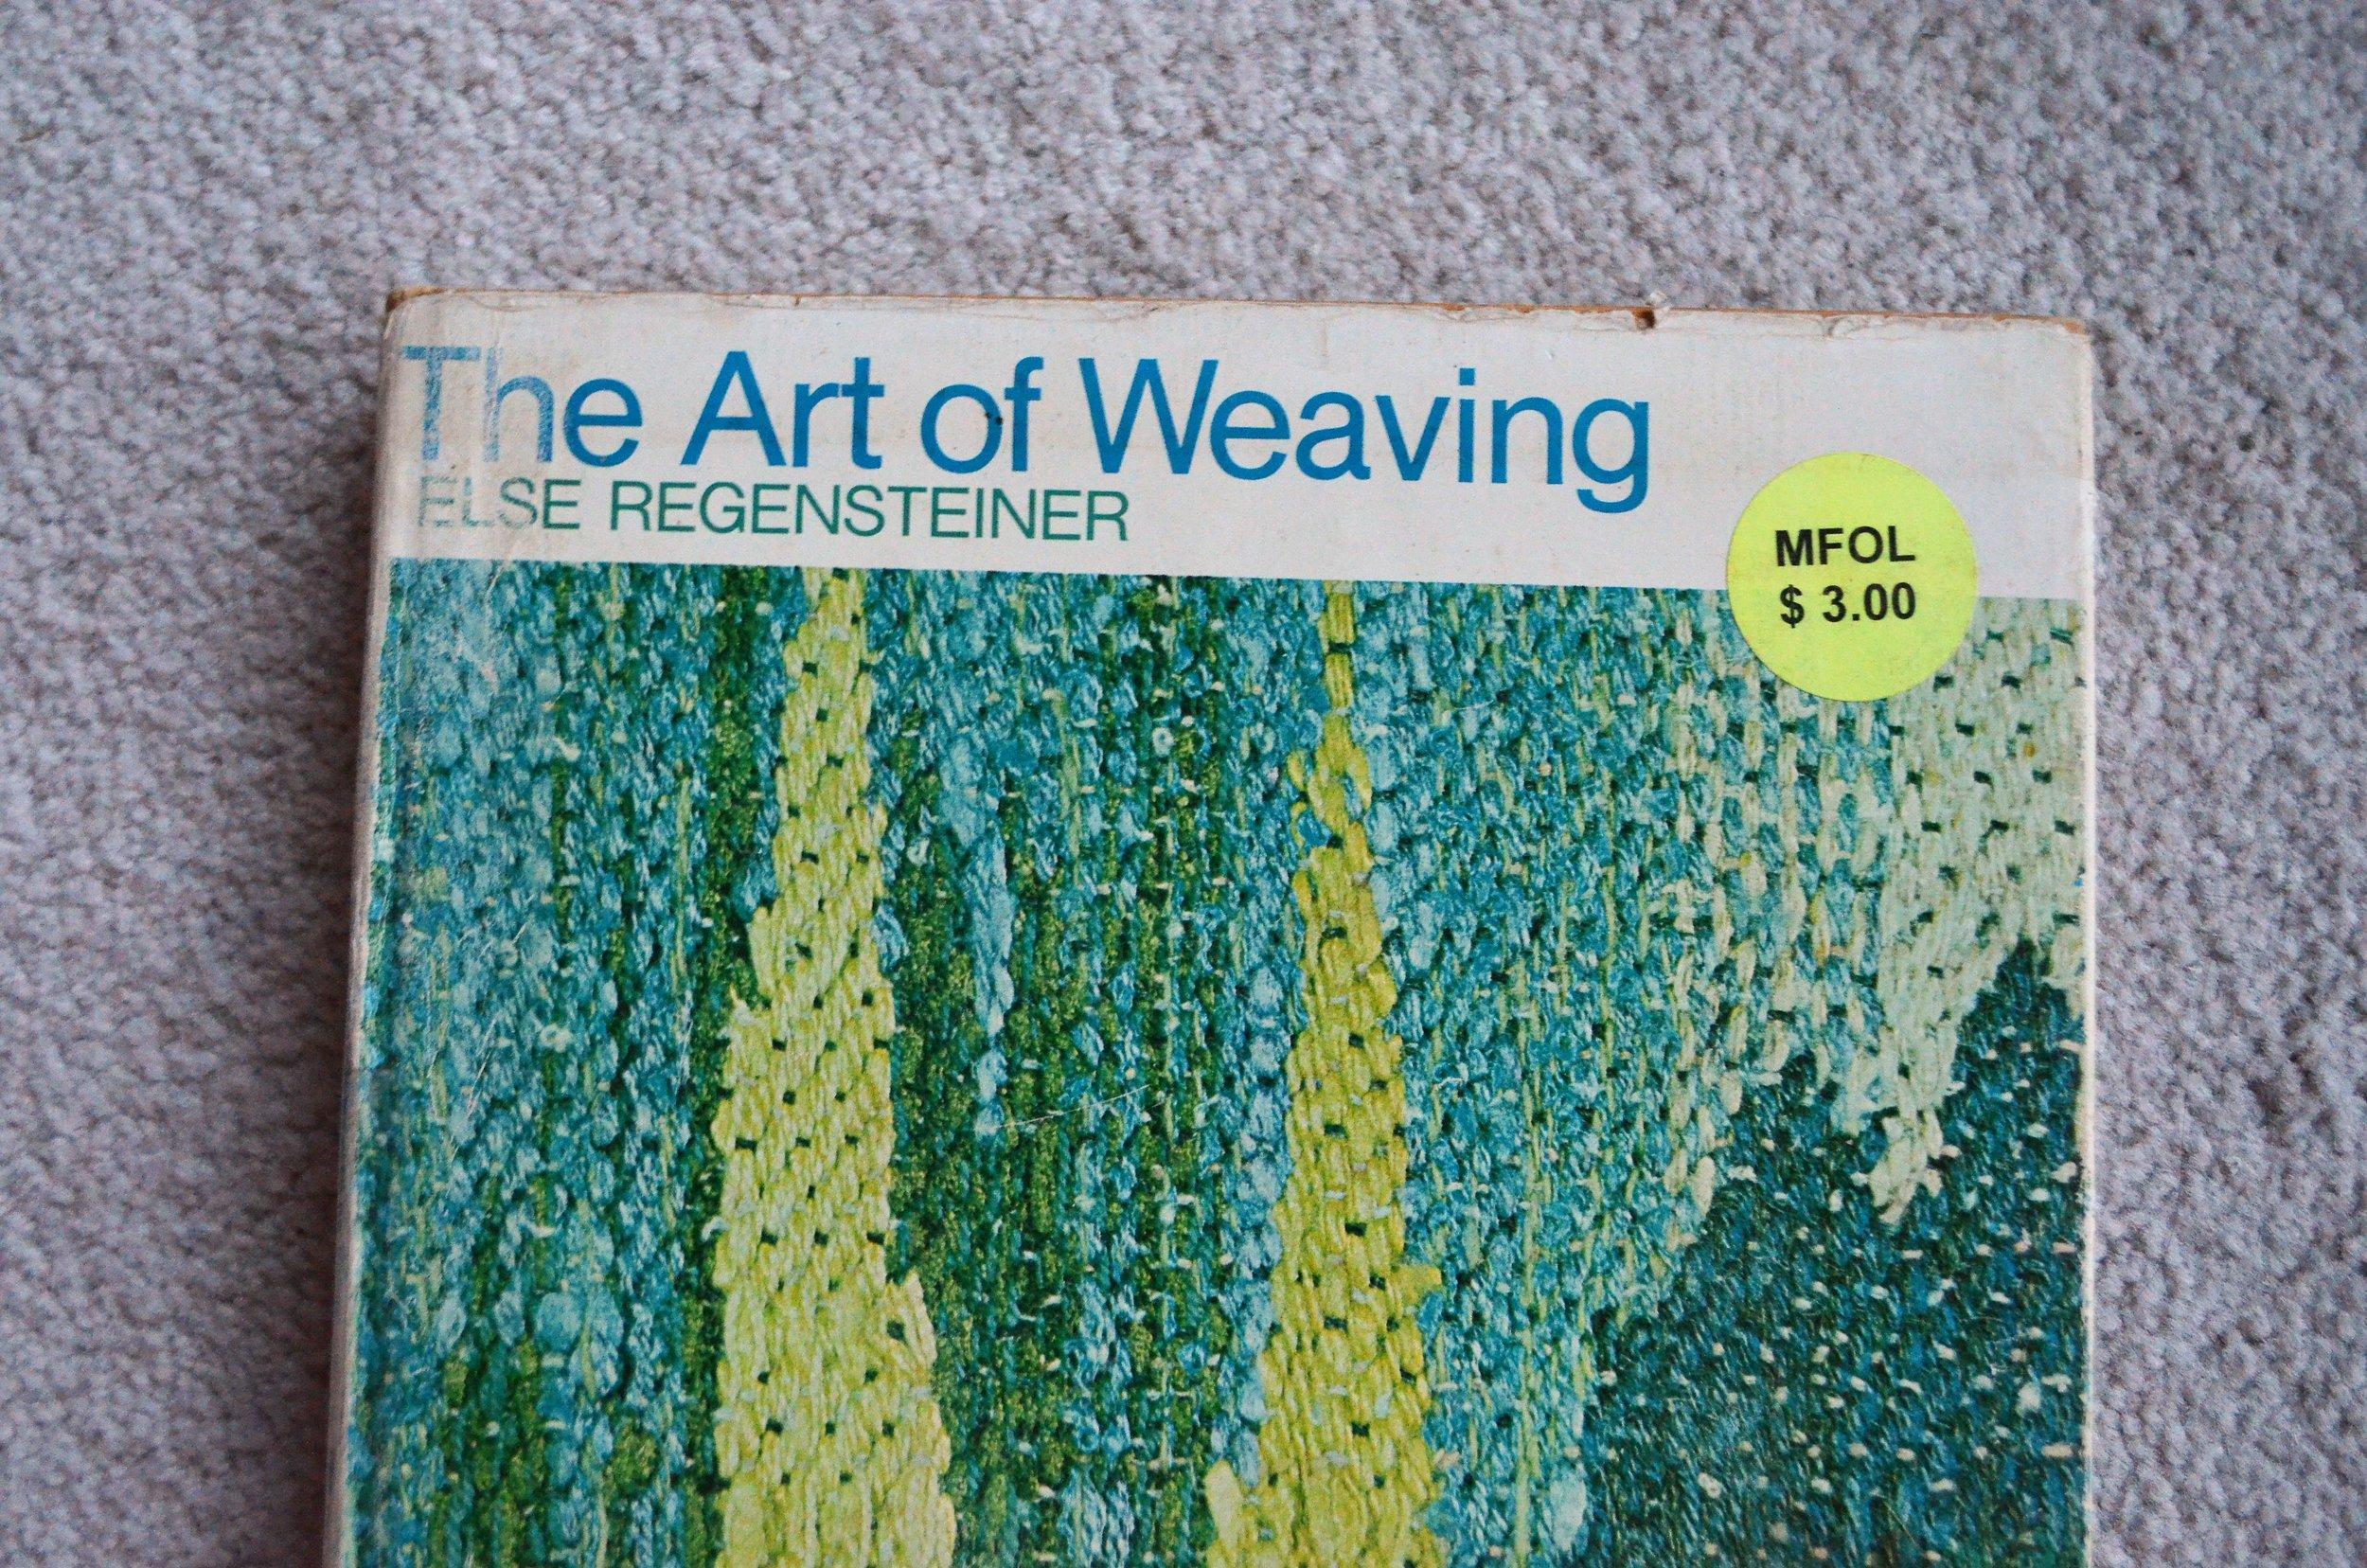 The Art of Weaving.jpg